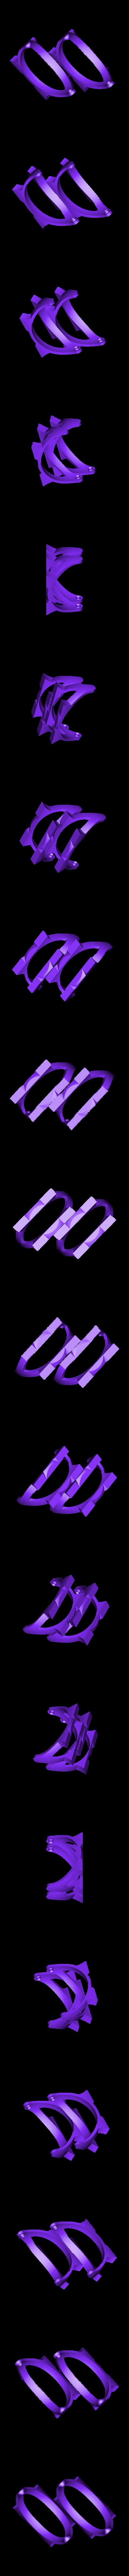 2_Bases.stl Télécharger fichier STL gratuit Plaques de montage gyroscopiques à cardan • Plan pour impression 3D, Bolnarb